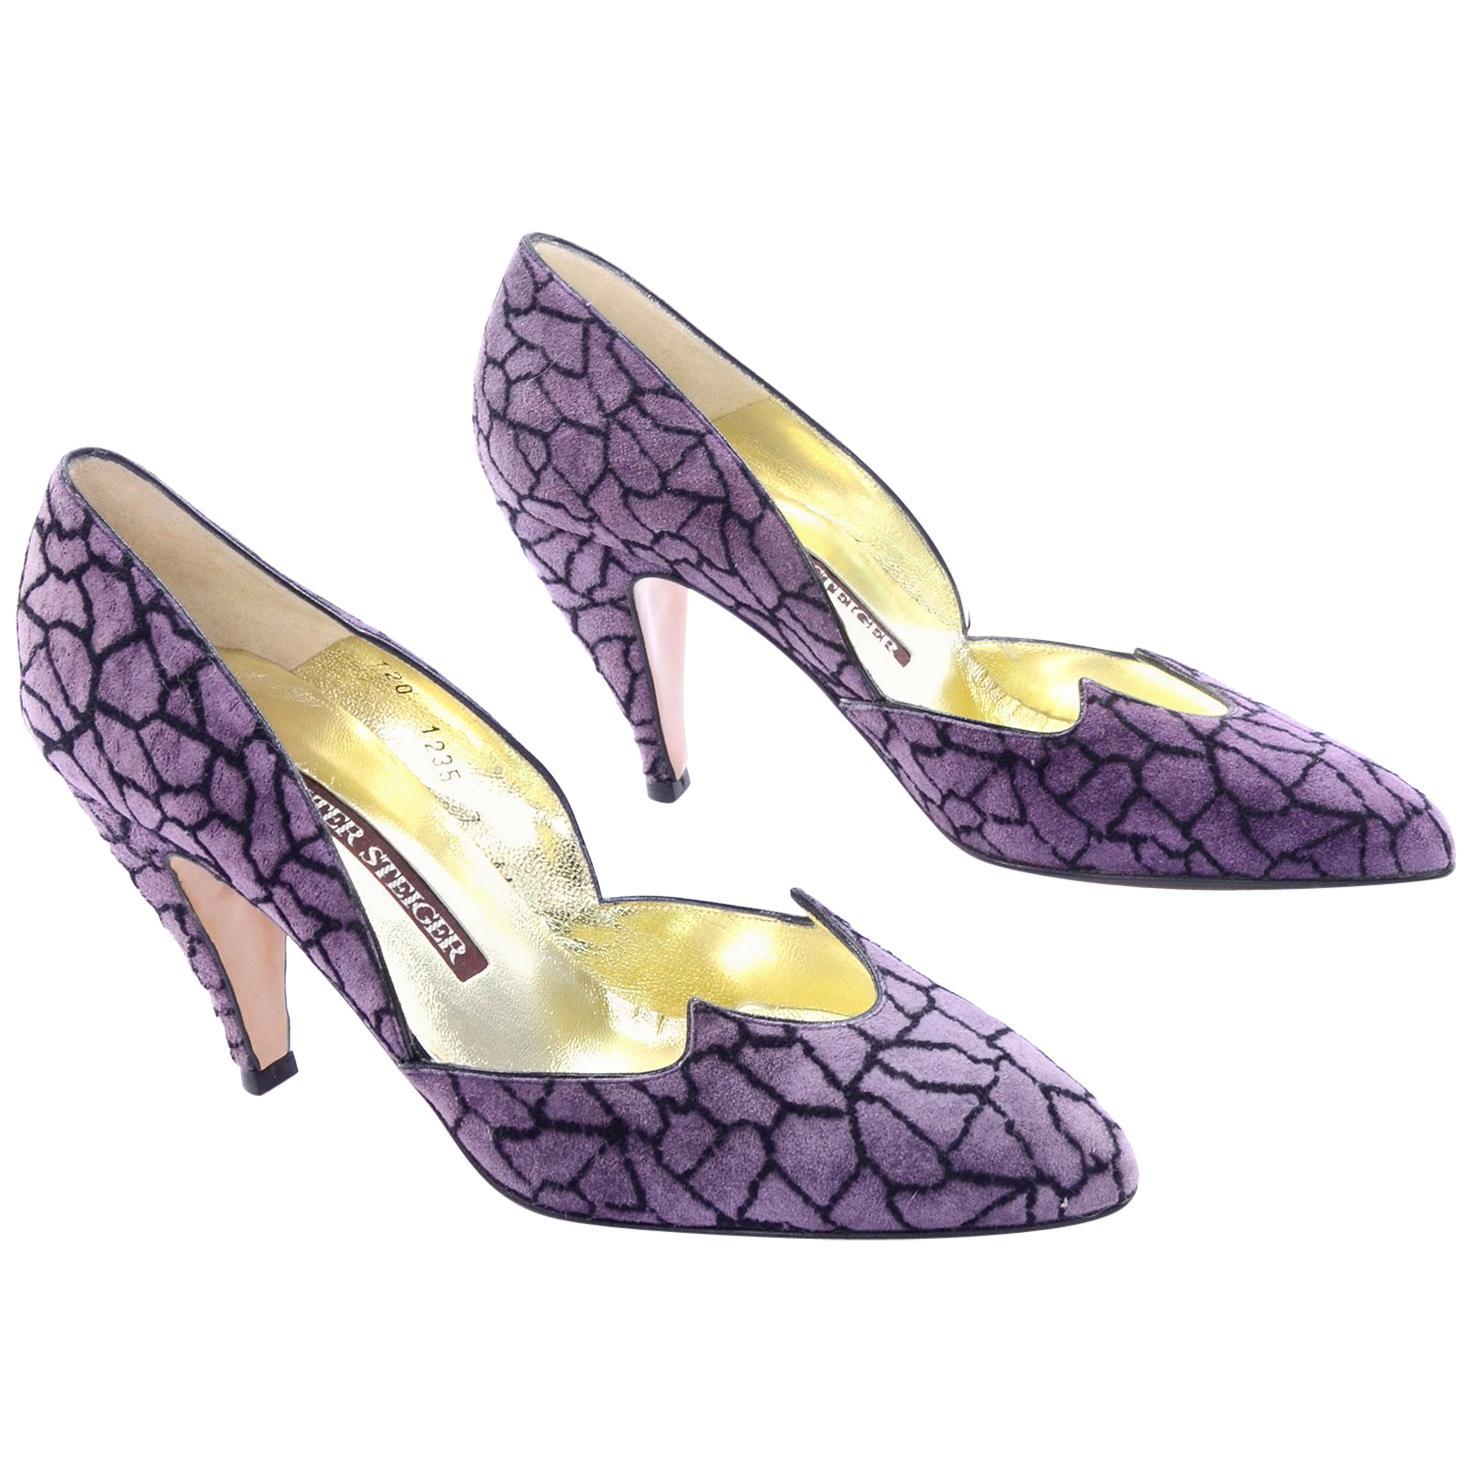 """Unworn Walter Steiger Vintage Shoes in Purple & Black Suede With 3.5"""" Heels 7AA"""